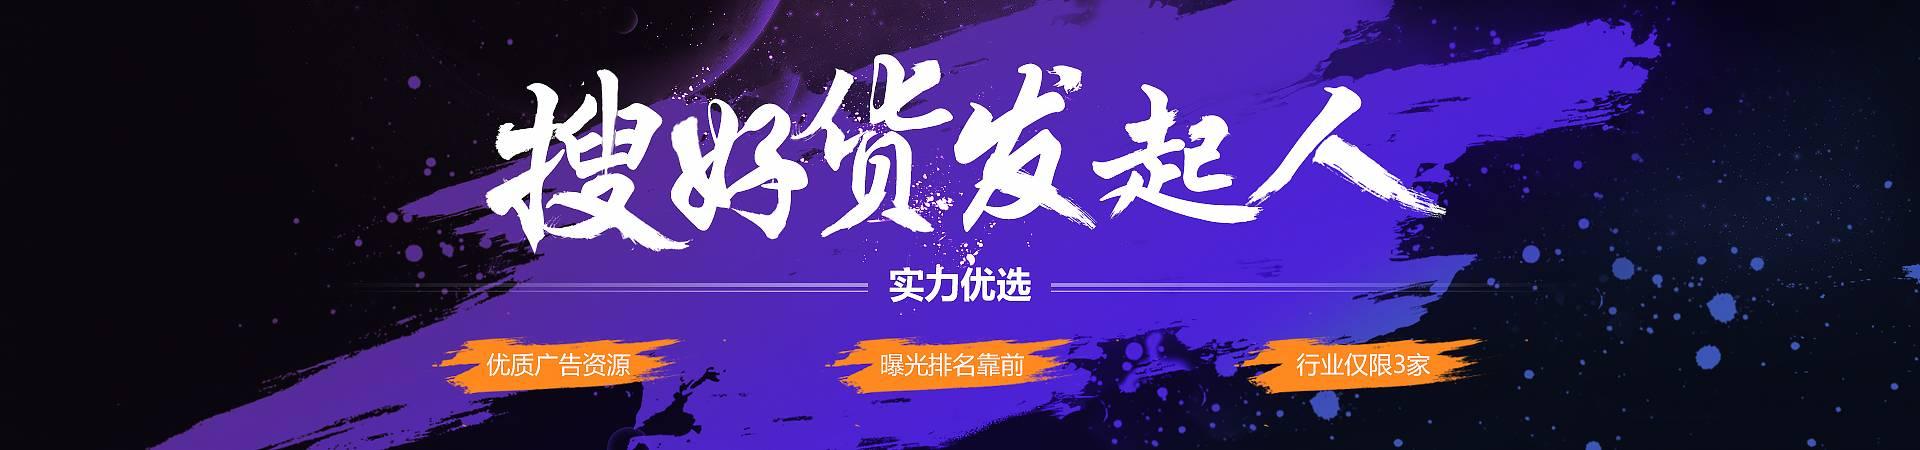 天津彩涂廠專業生產印花彩涂鋼板 家電彩鋼板 印花家具彩涂鋼卷圖片